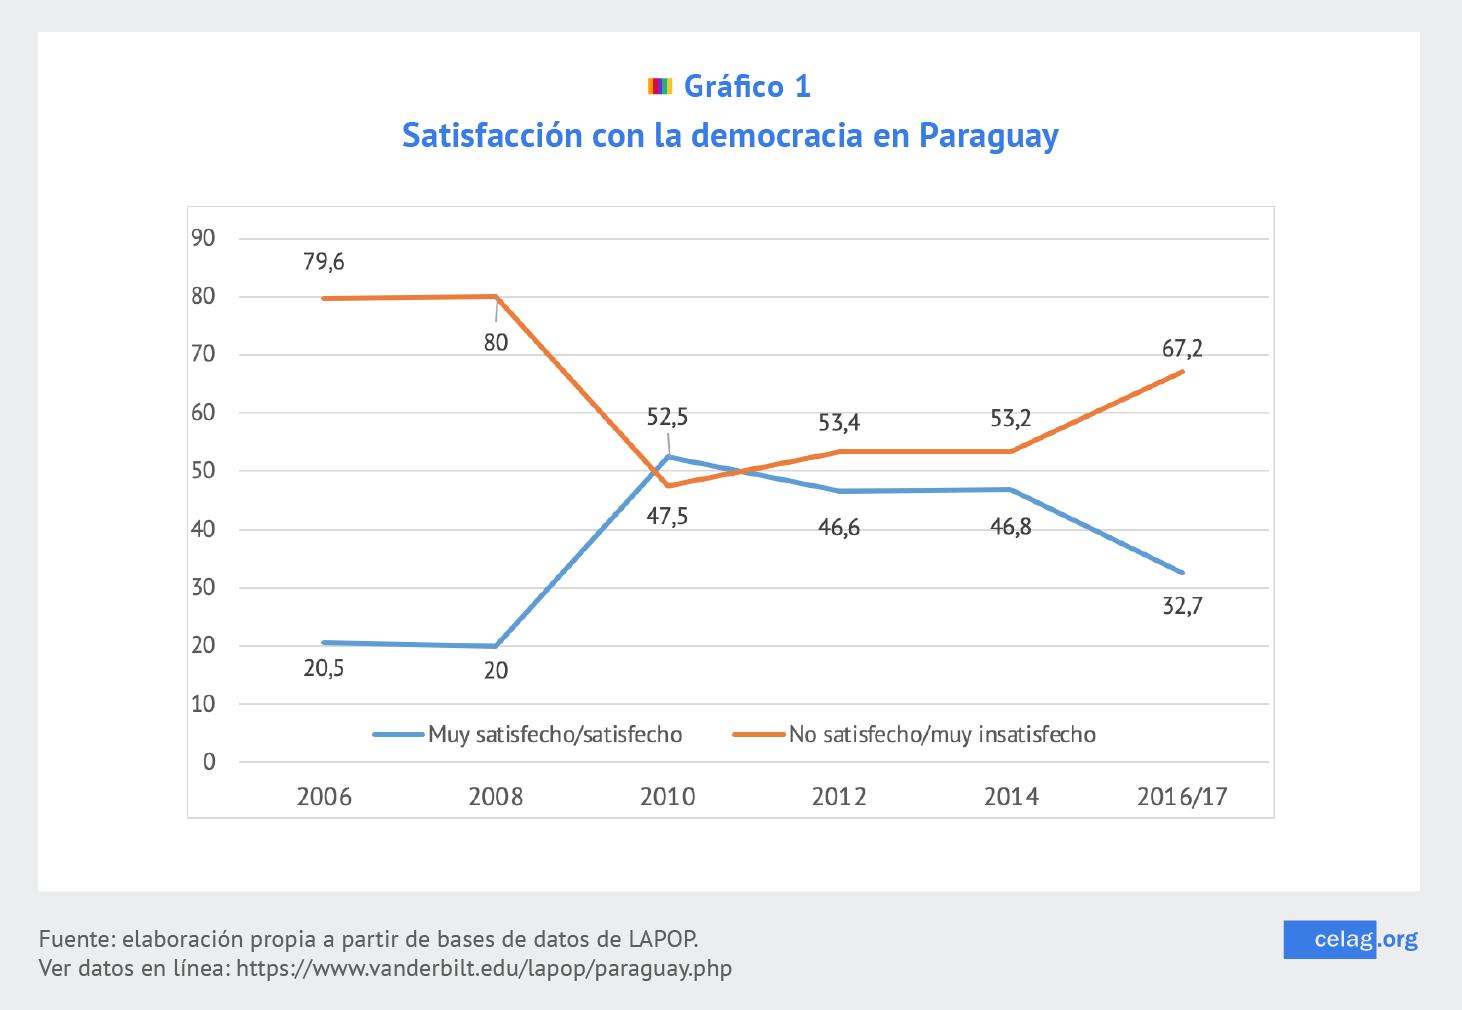 Satisfacción con la democracia en Paraguay